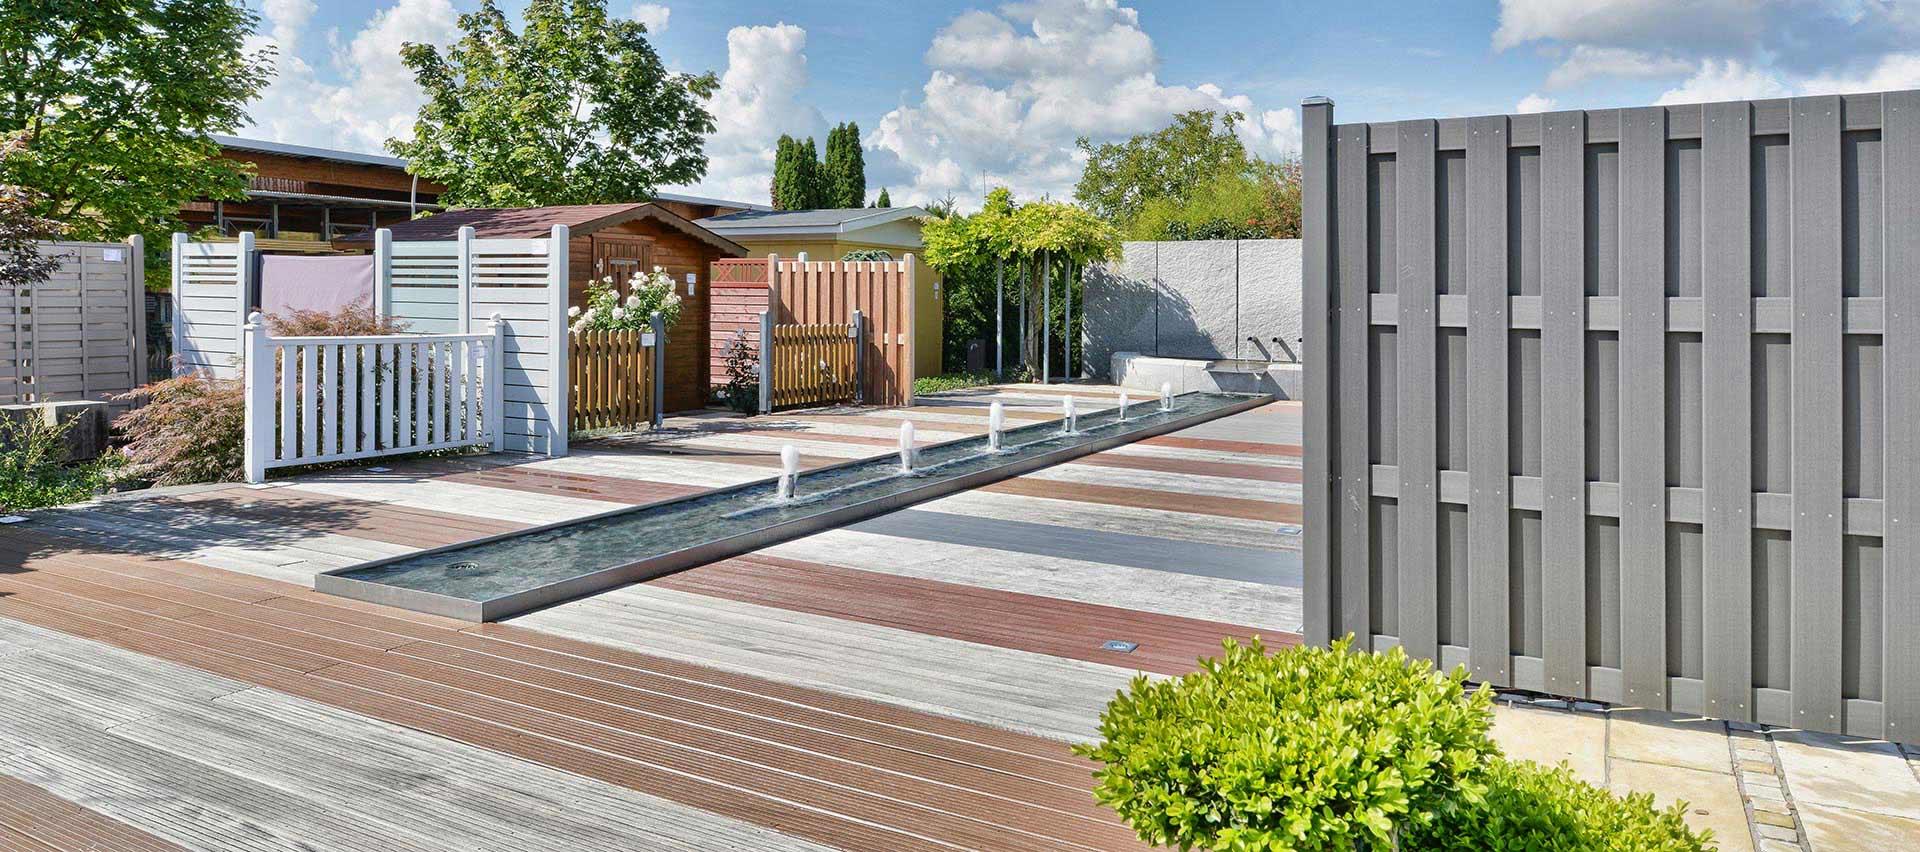 Garten Ausstellung von Holz-Hauff in Leingarten